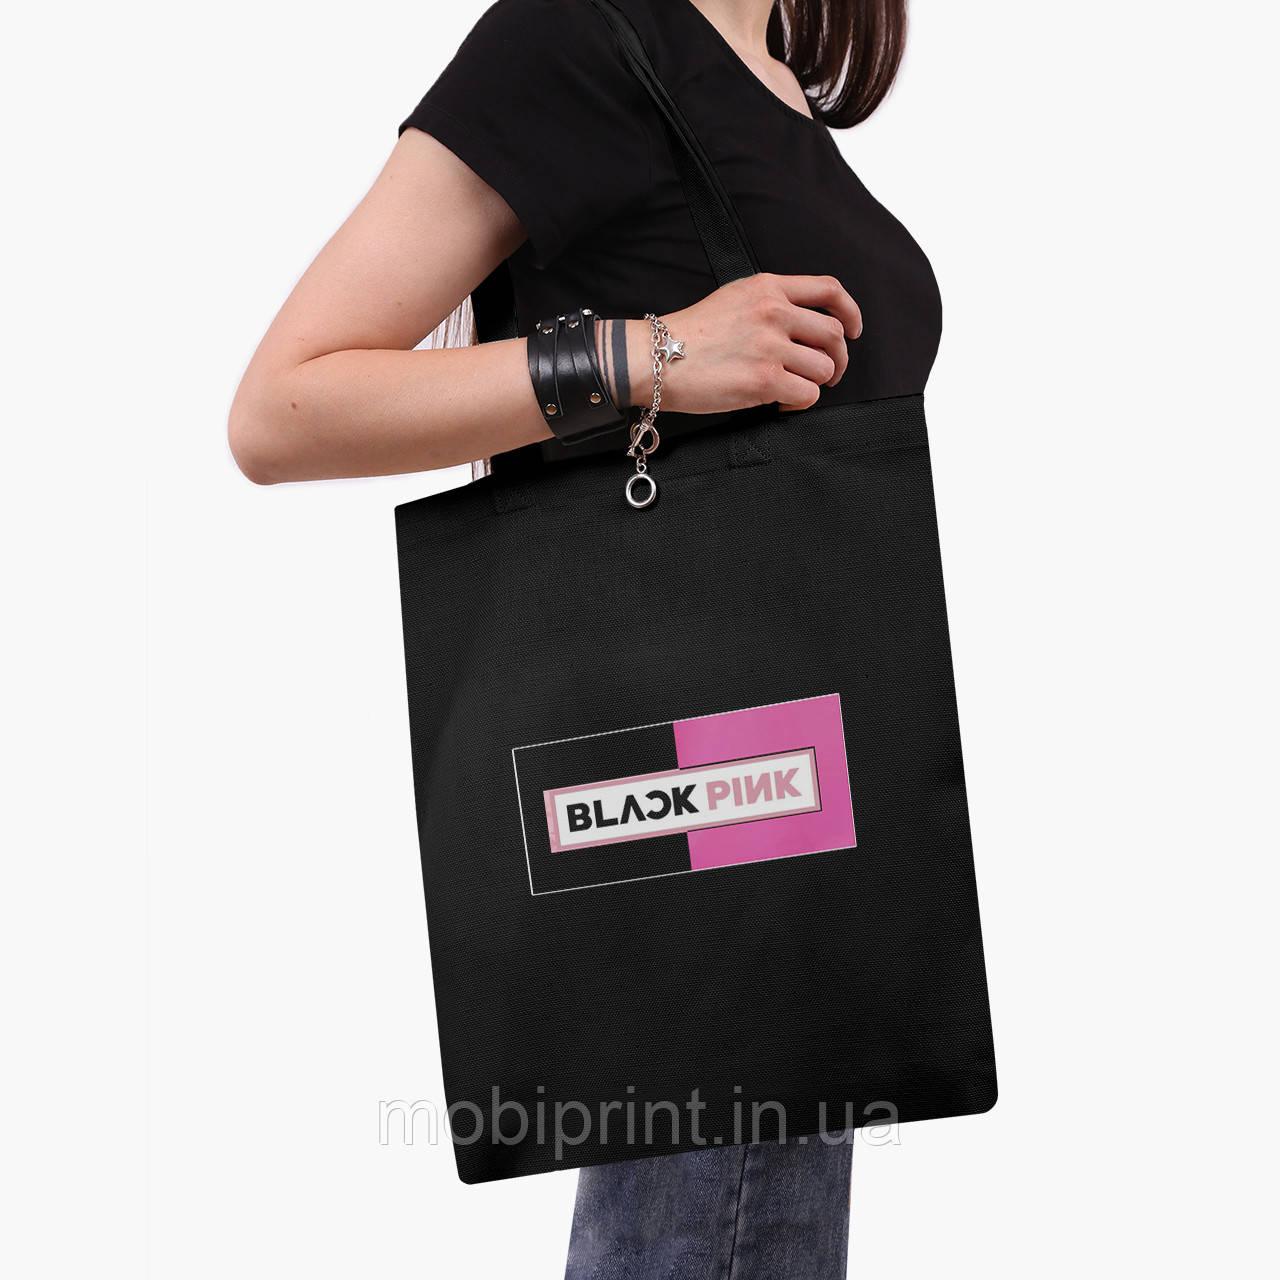 Эко сумка шоппер черная Блек Пинк (BlackPink) (9227-1344-2)  экосумка шопер 41*35 см